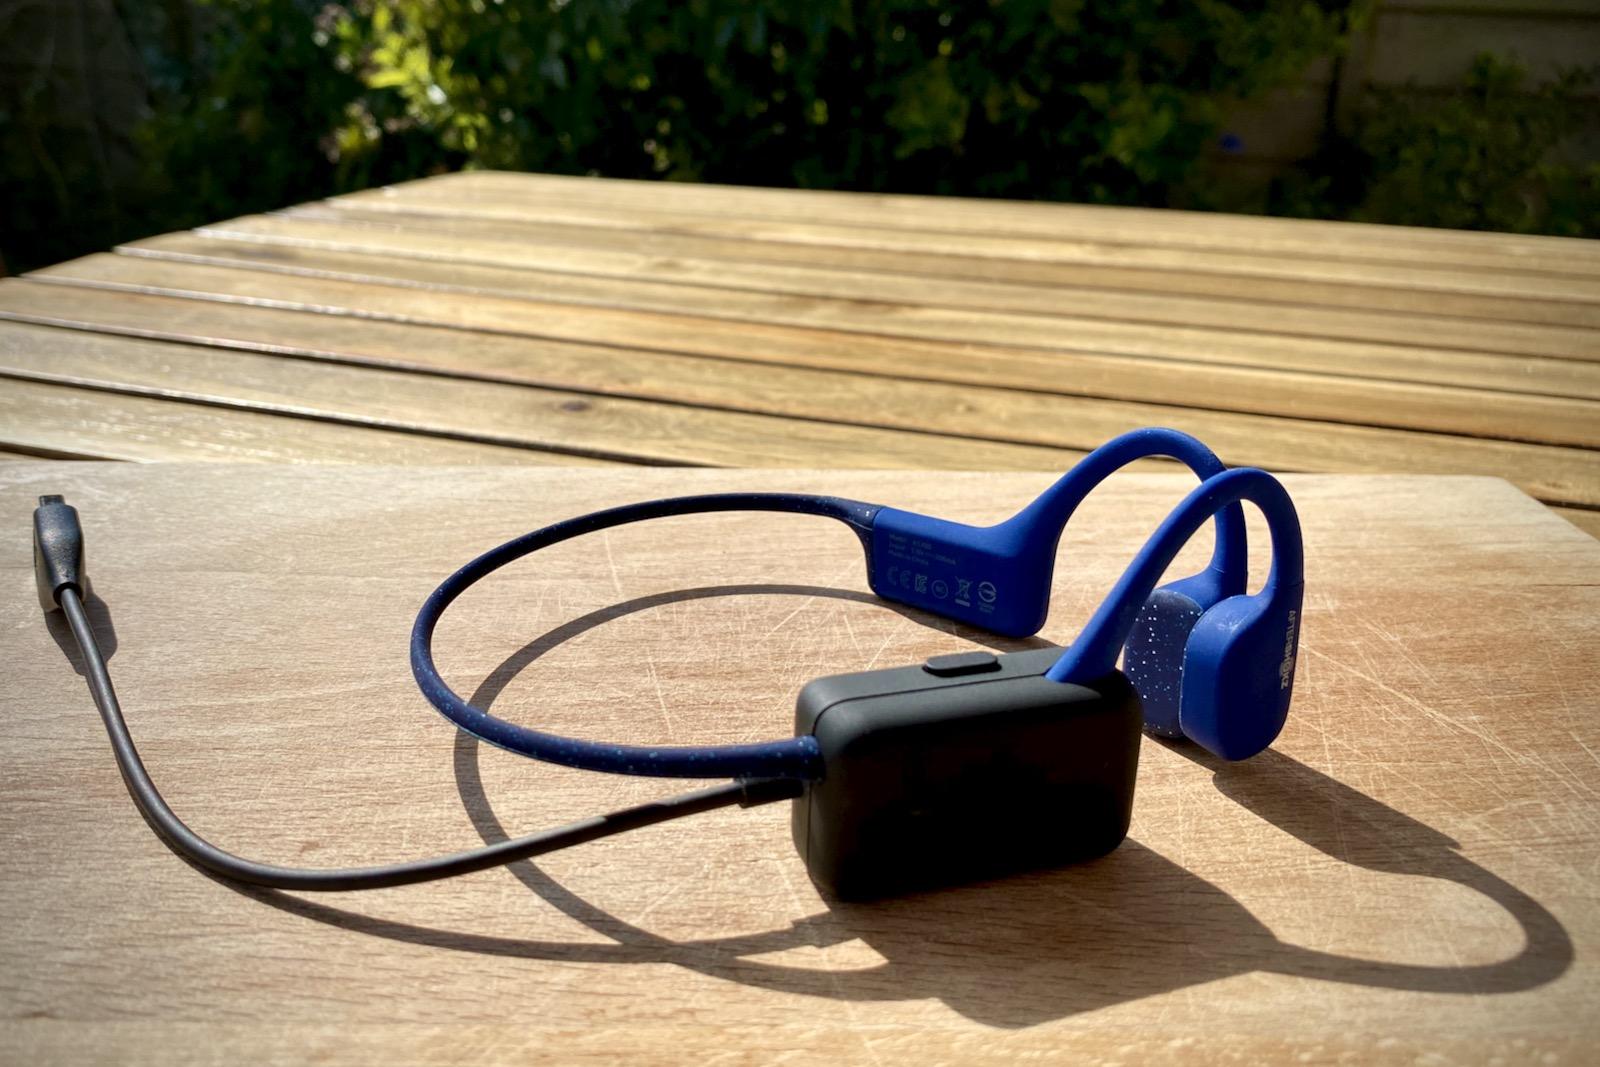 Aftershokz X-Trainerz MP3 Bone Conduction Headphones